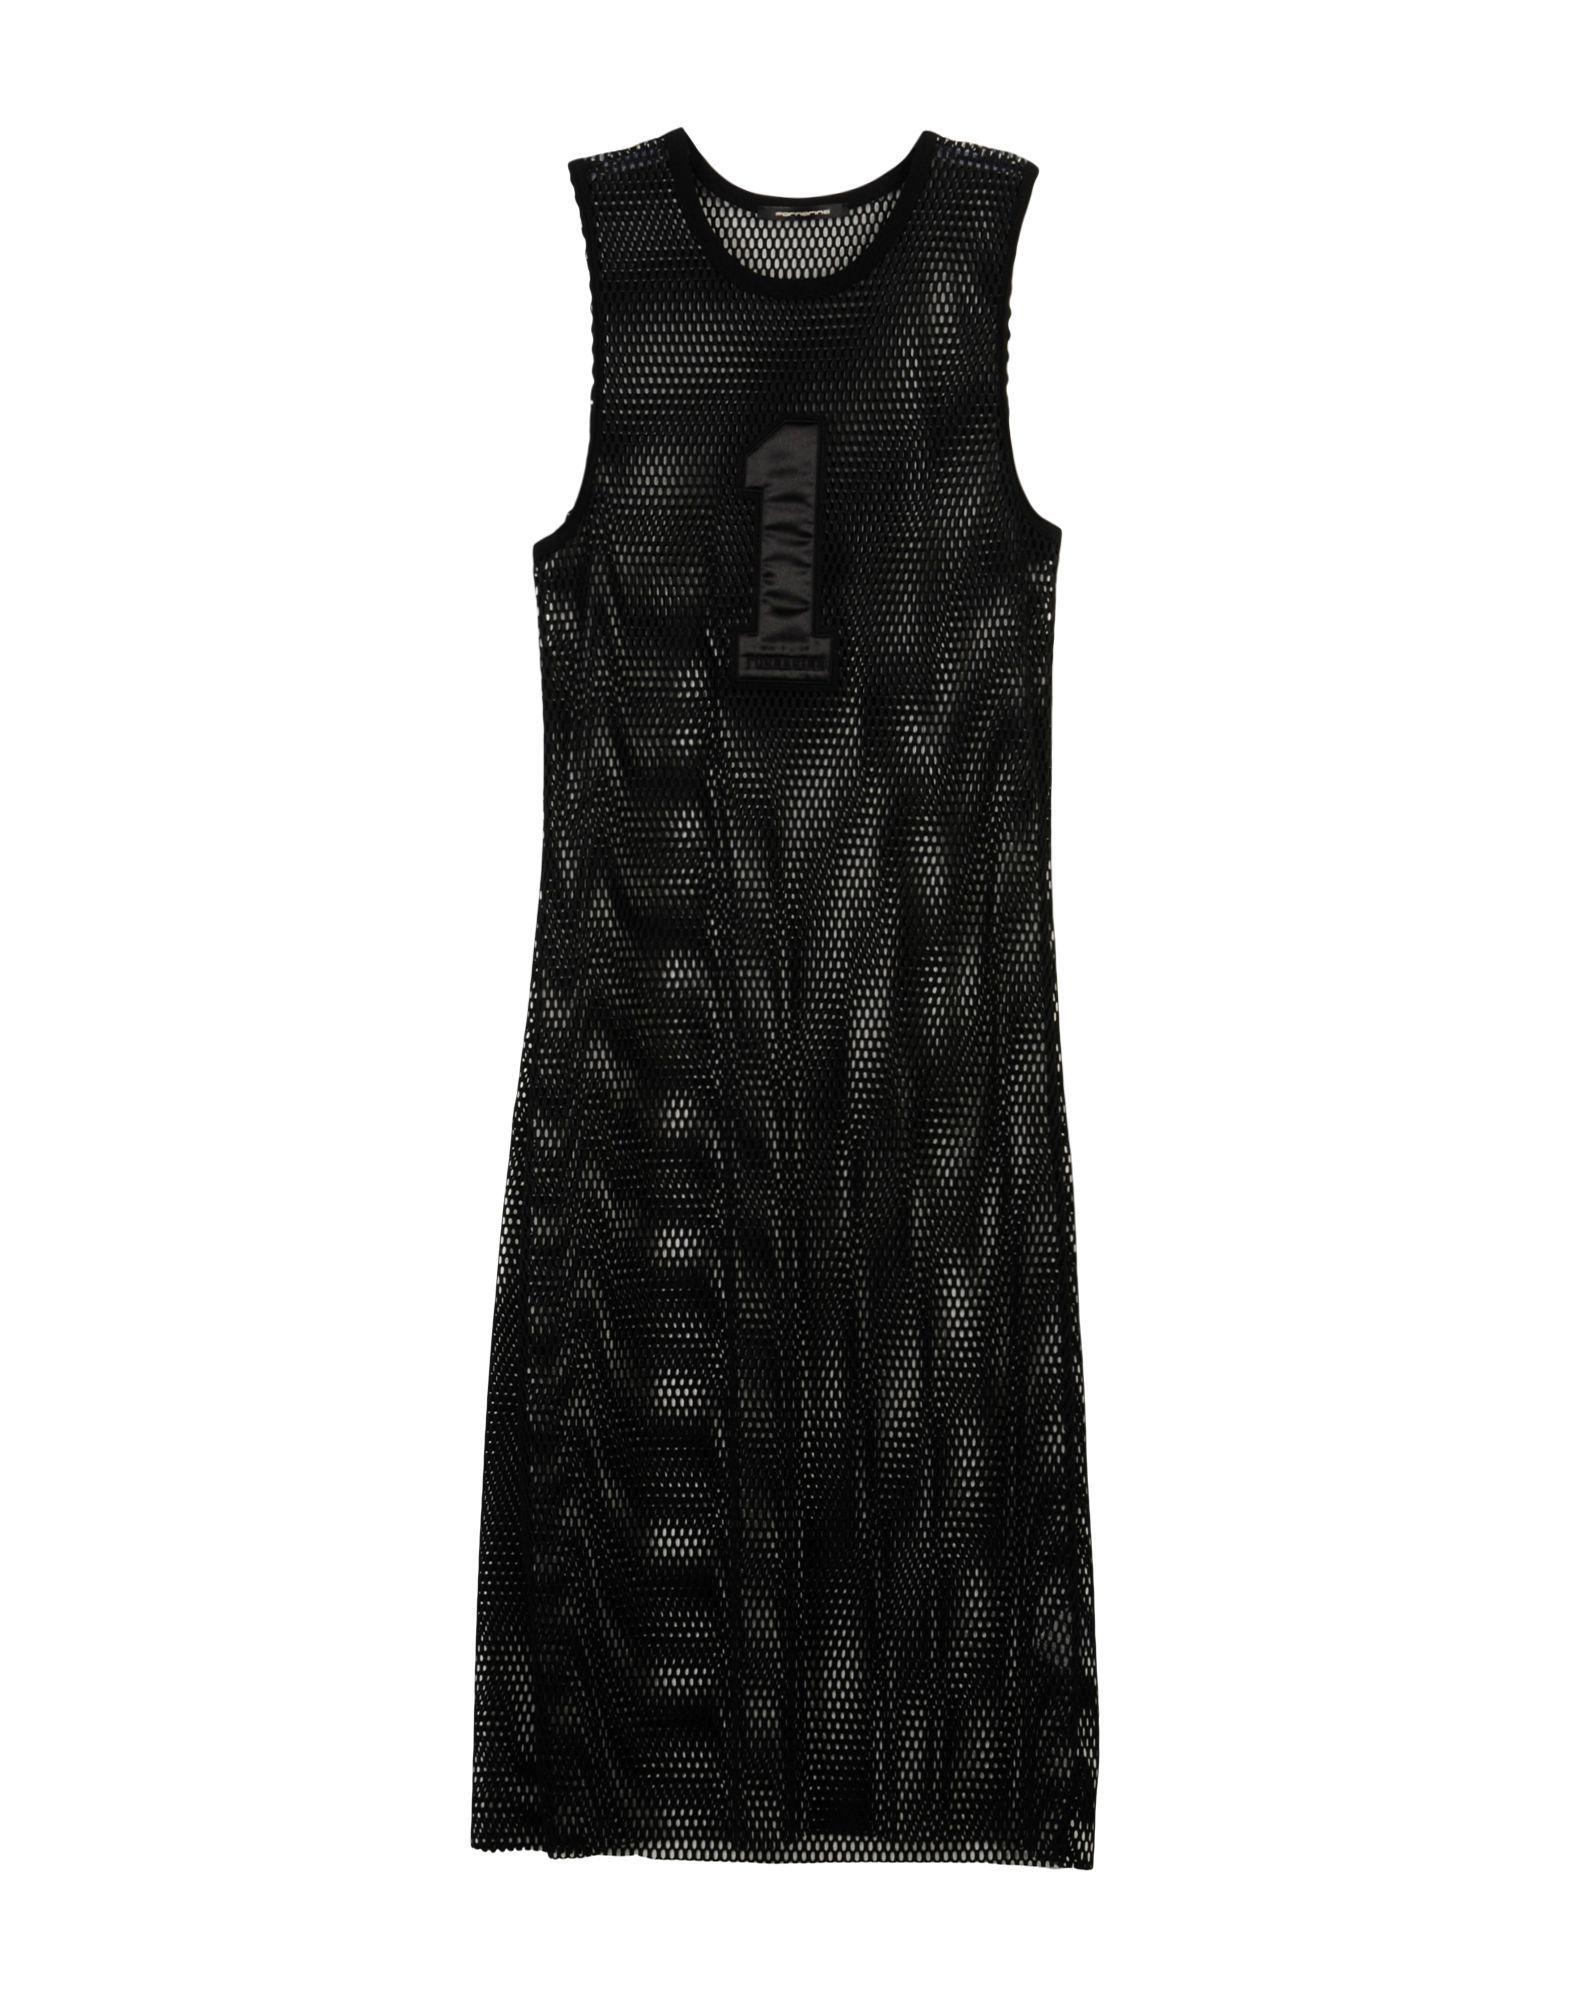 Fornarina Black Techno Fabric Sleeveless Dress